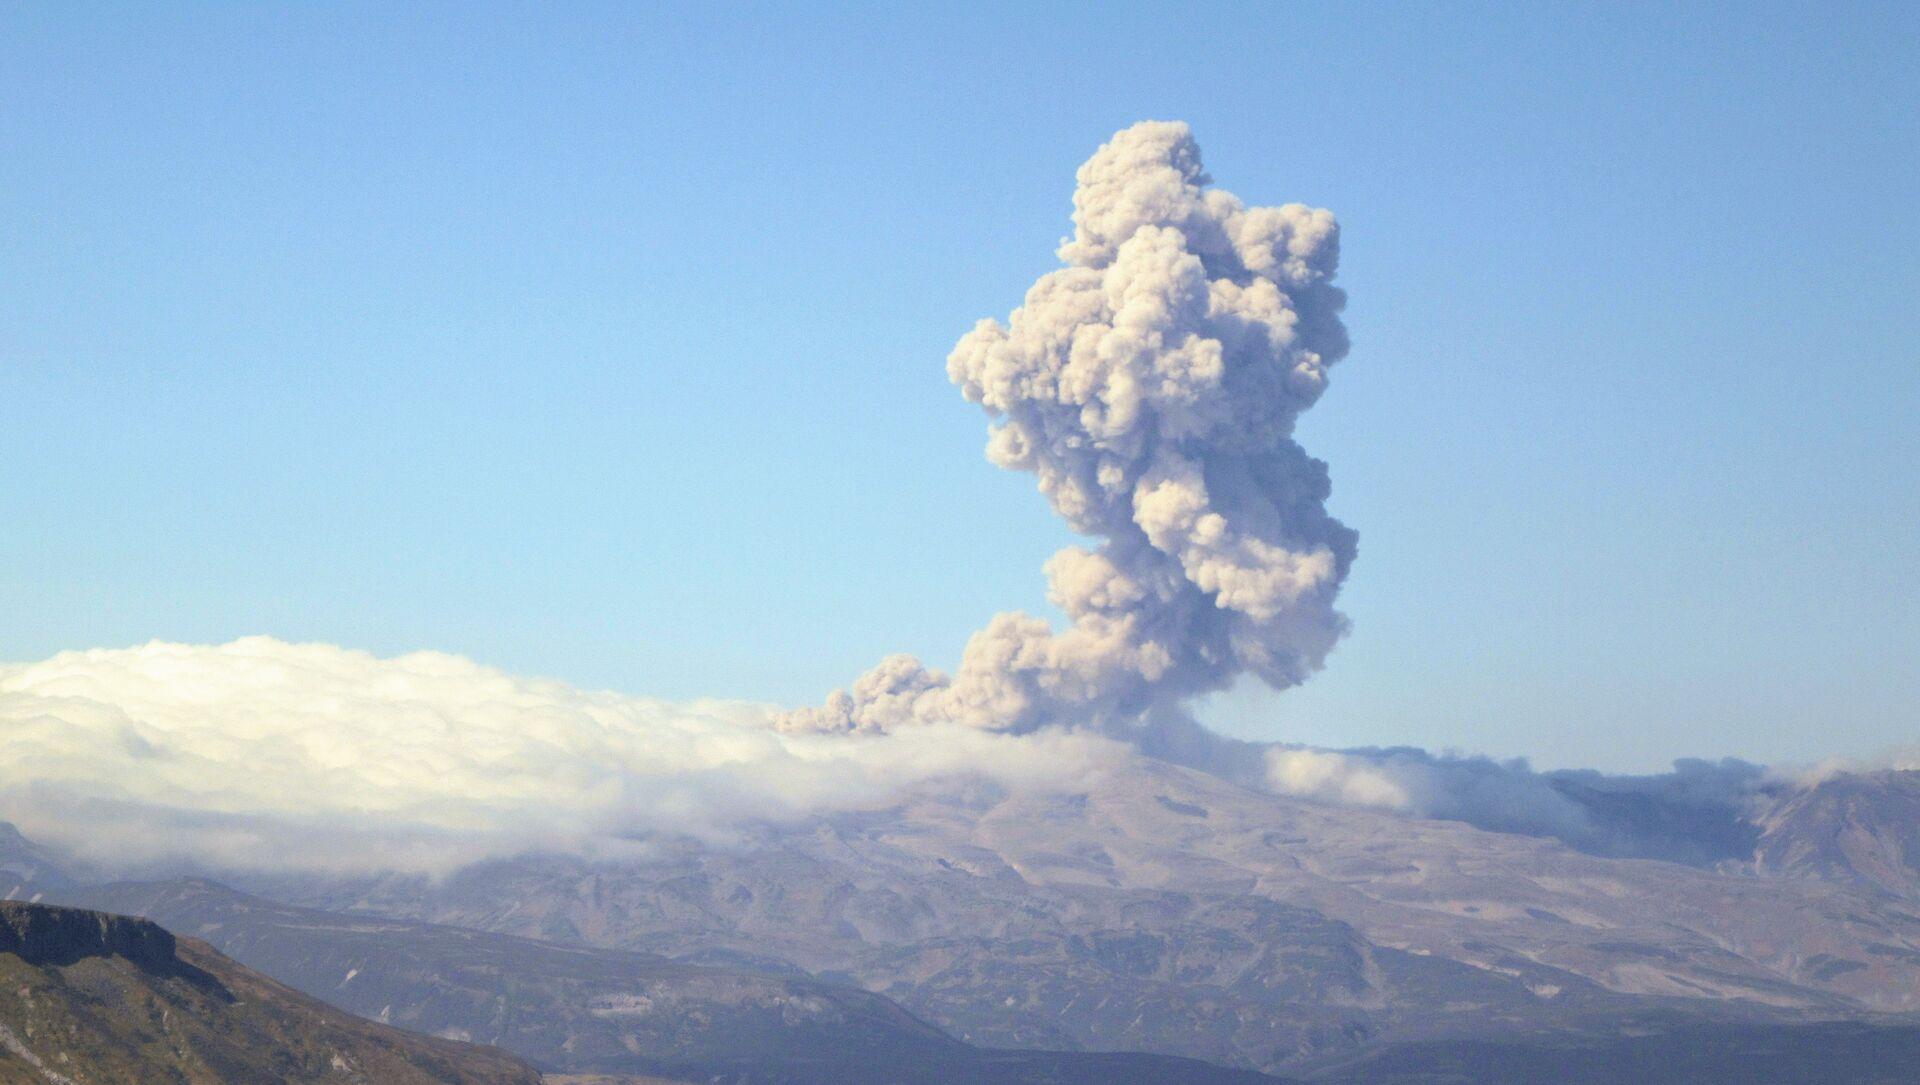 クリル諸島のエベコ火山(アーカイブ写真) - Sputnik 日本, 1920, 21.05.2021